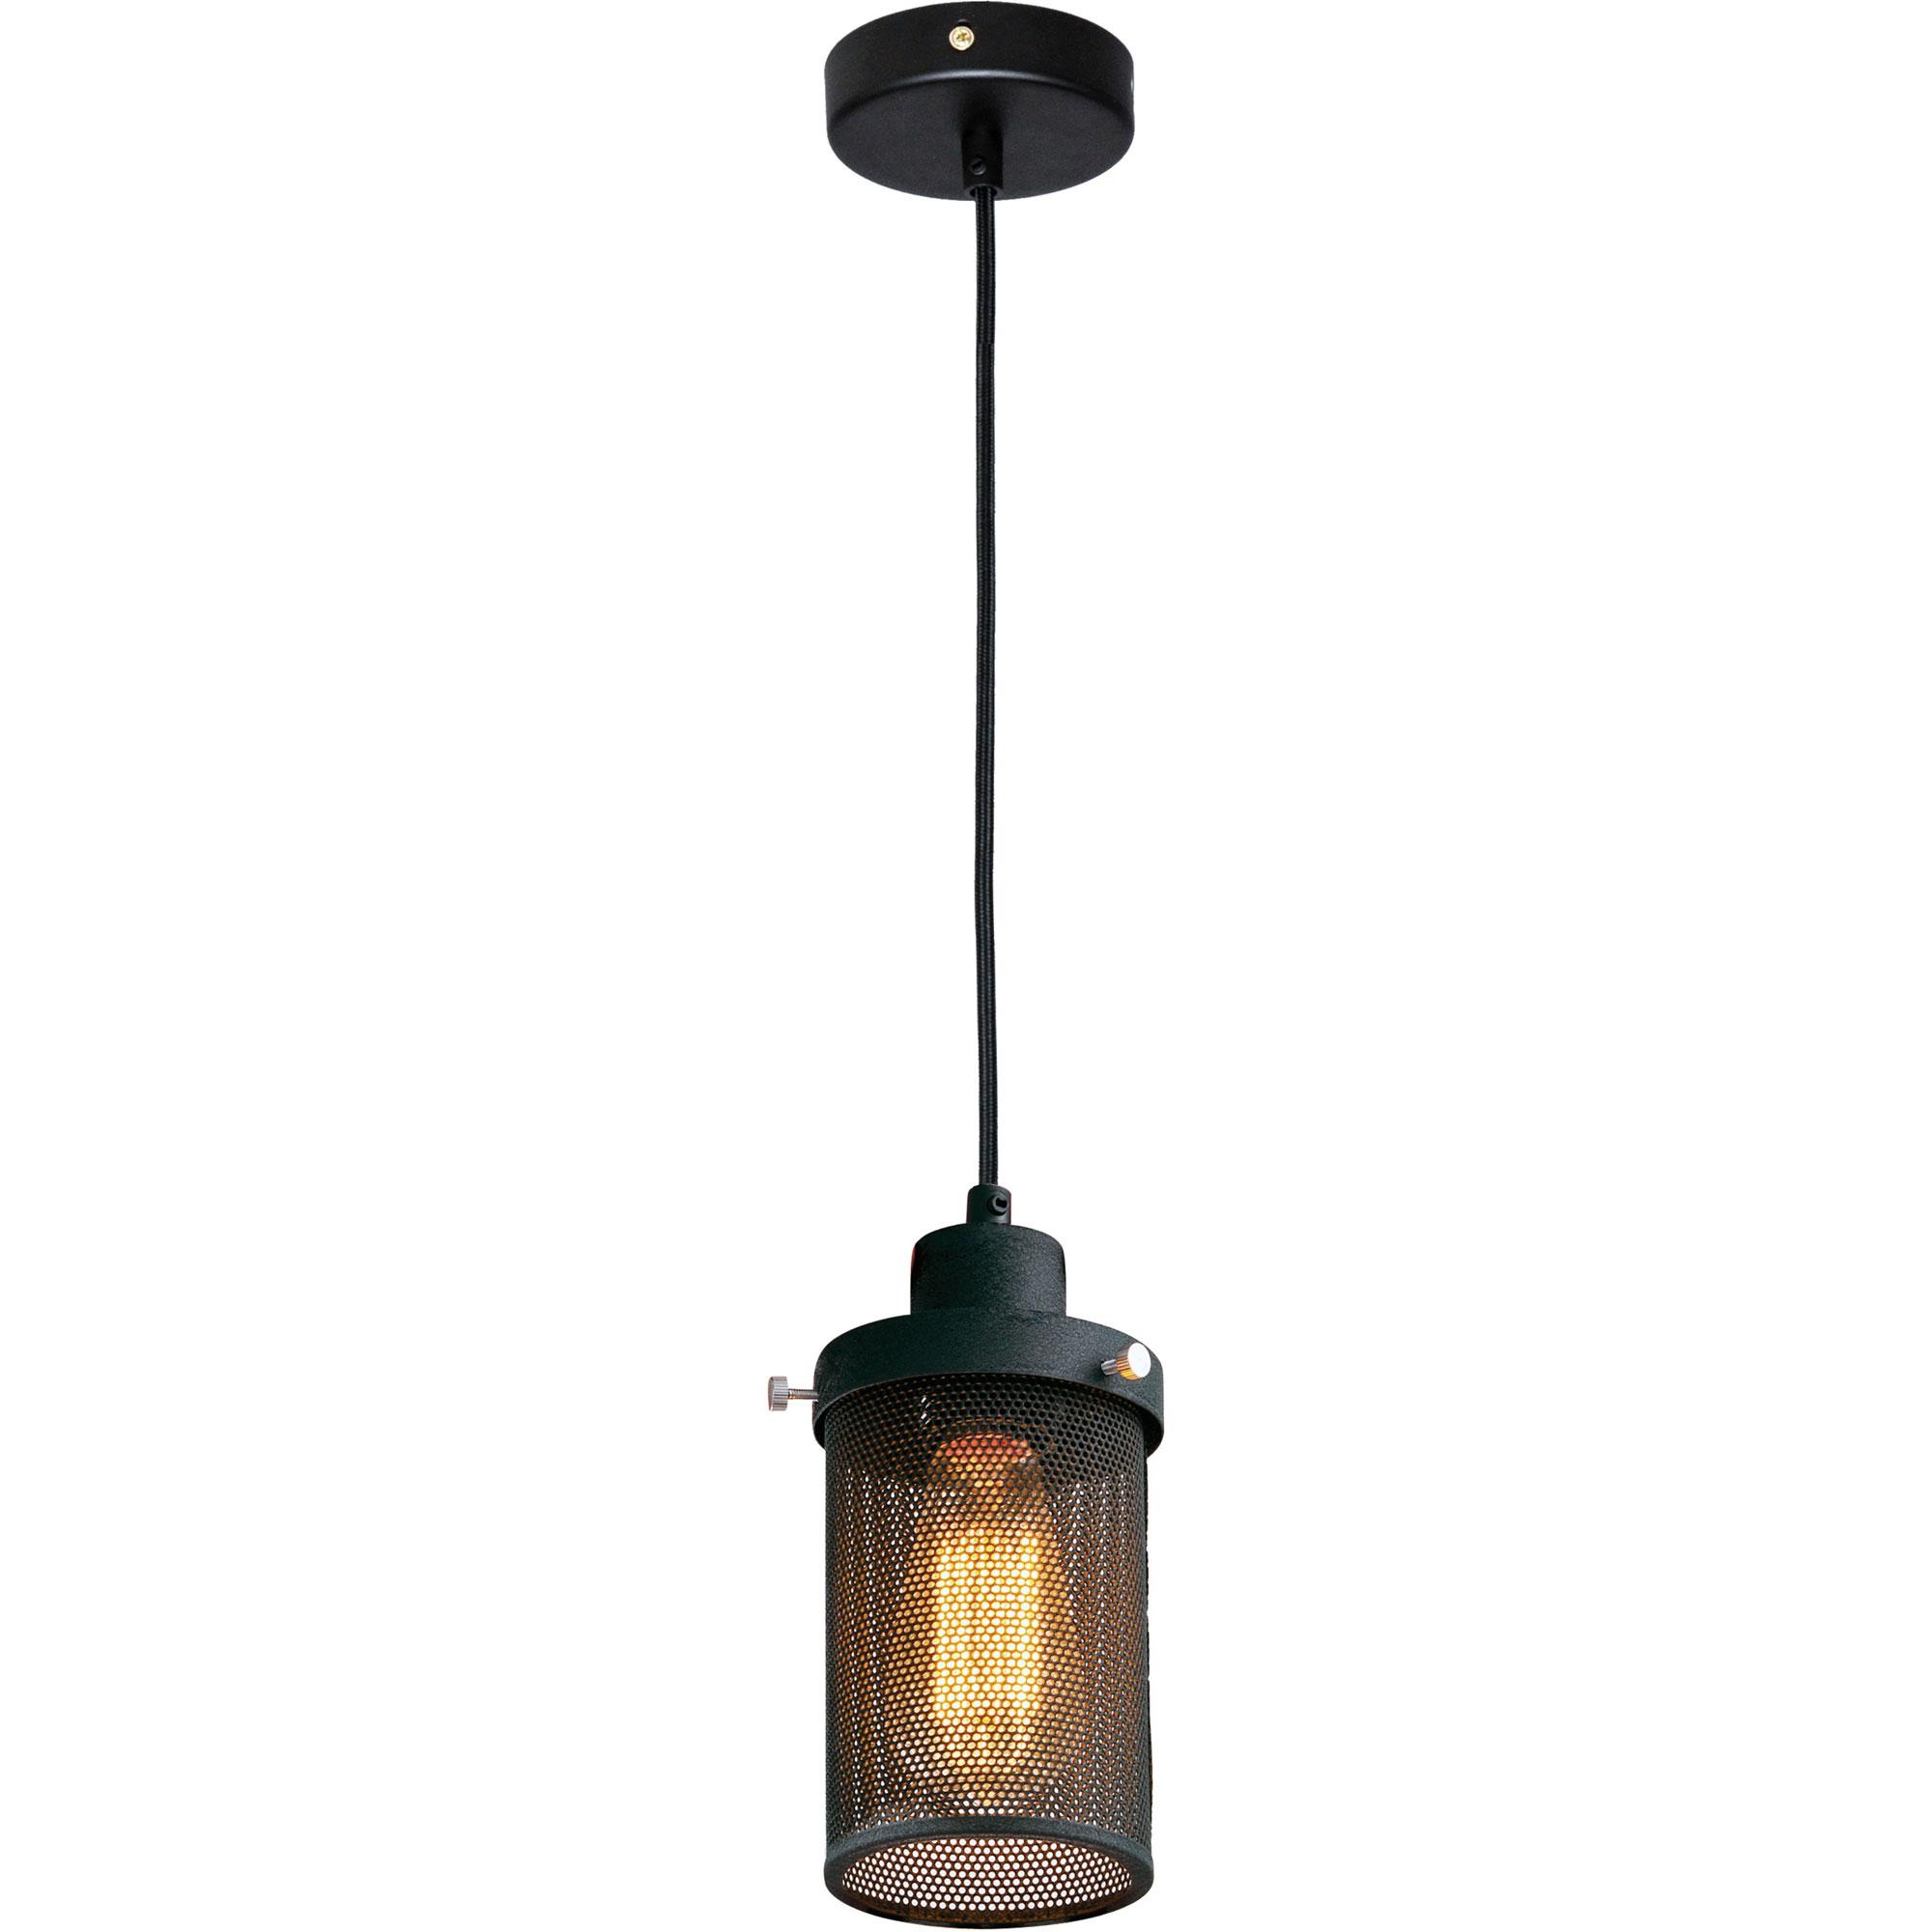 все цены на Светильник подвесной Loft Lsp-9672 онлайн